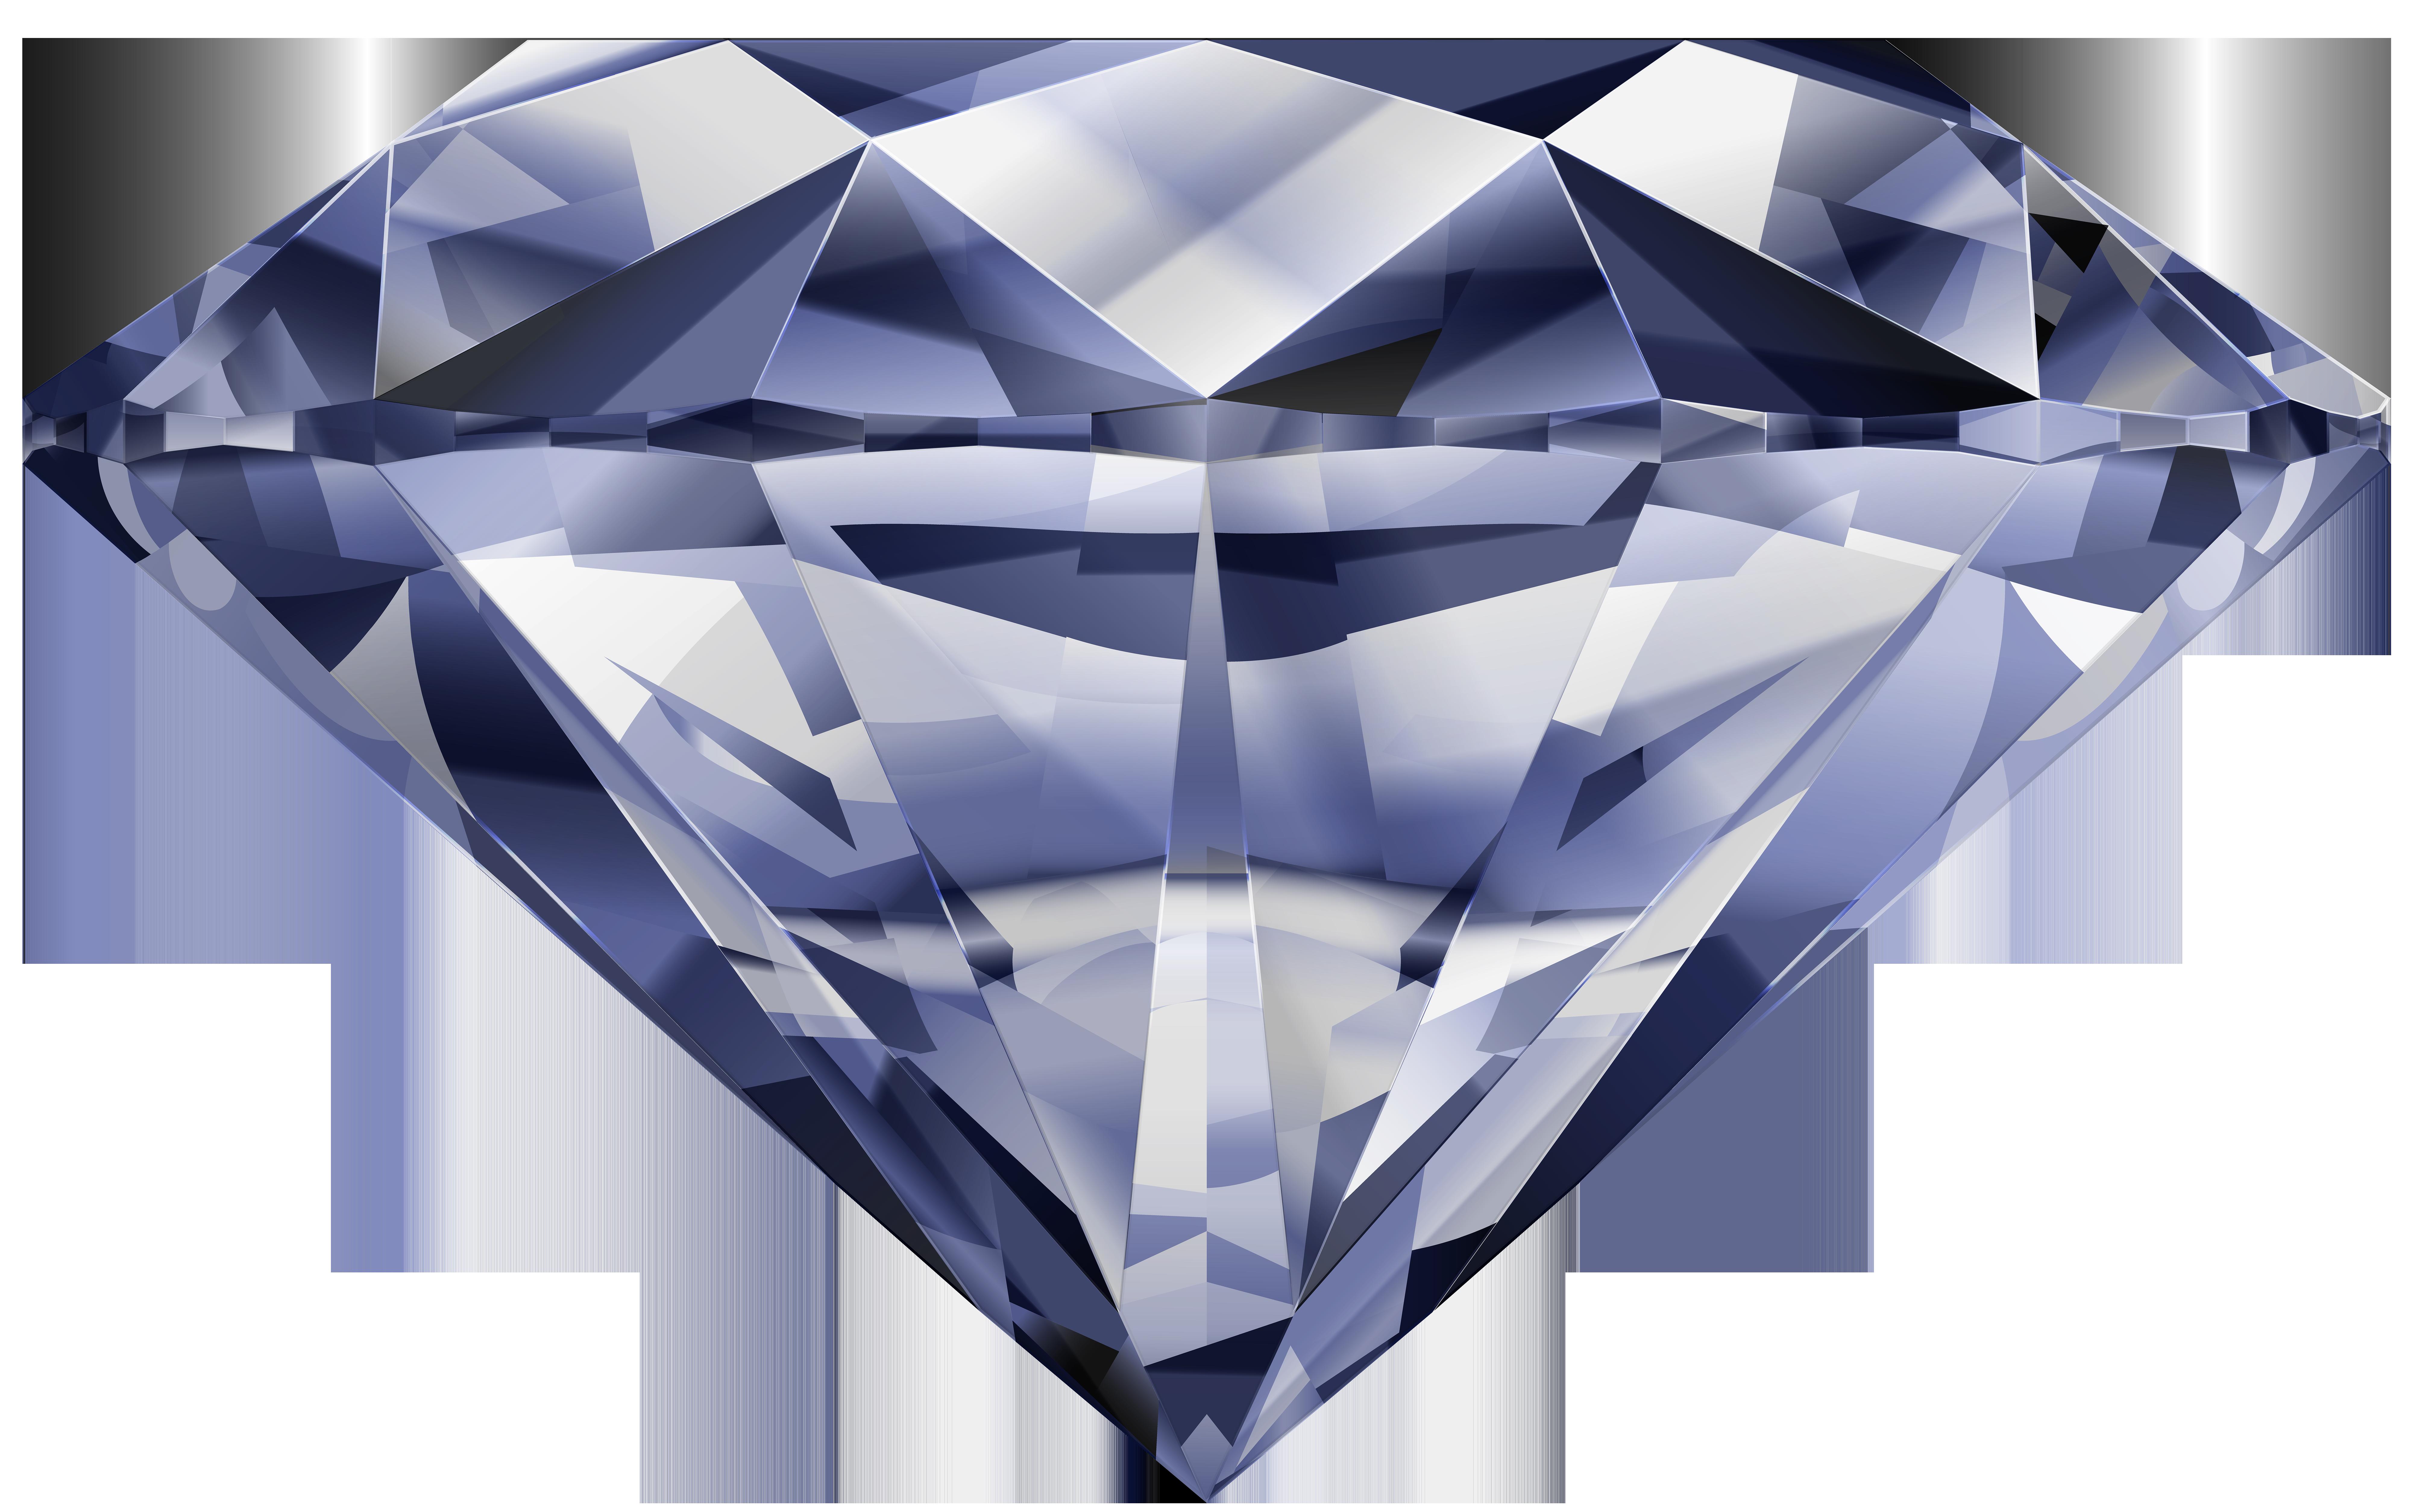 Clipart diamond rock. Png clip art image